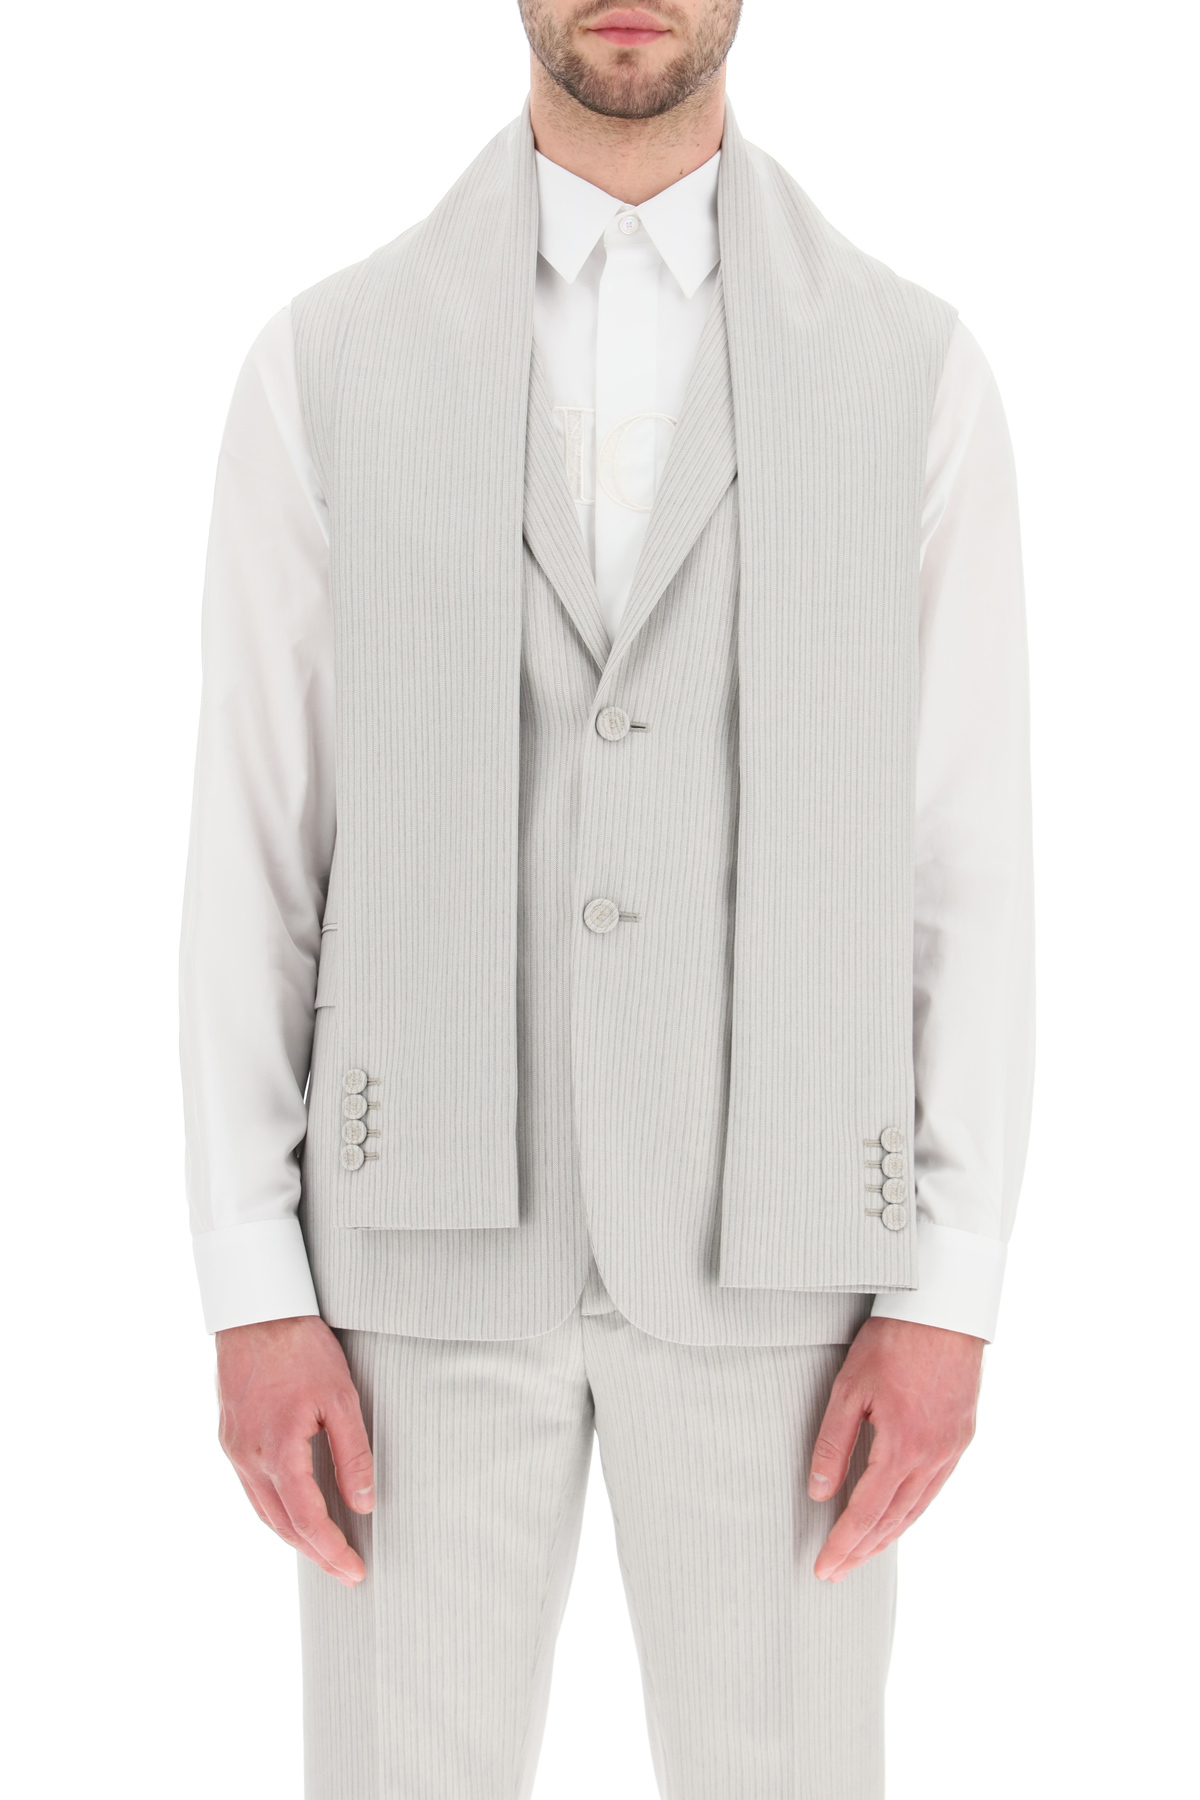 Dior giacca senza maniche in twill di lana